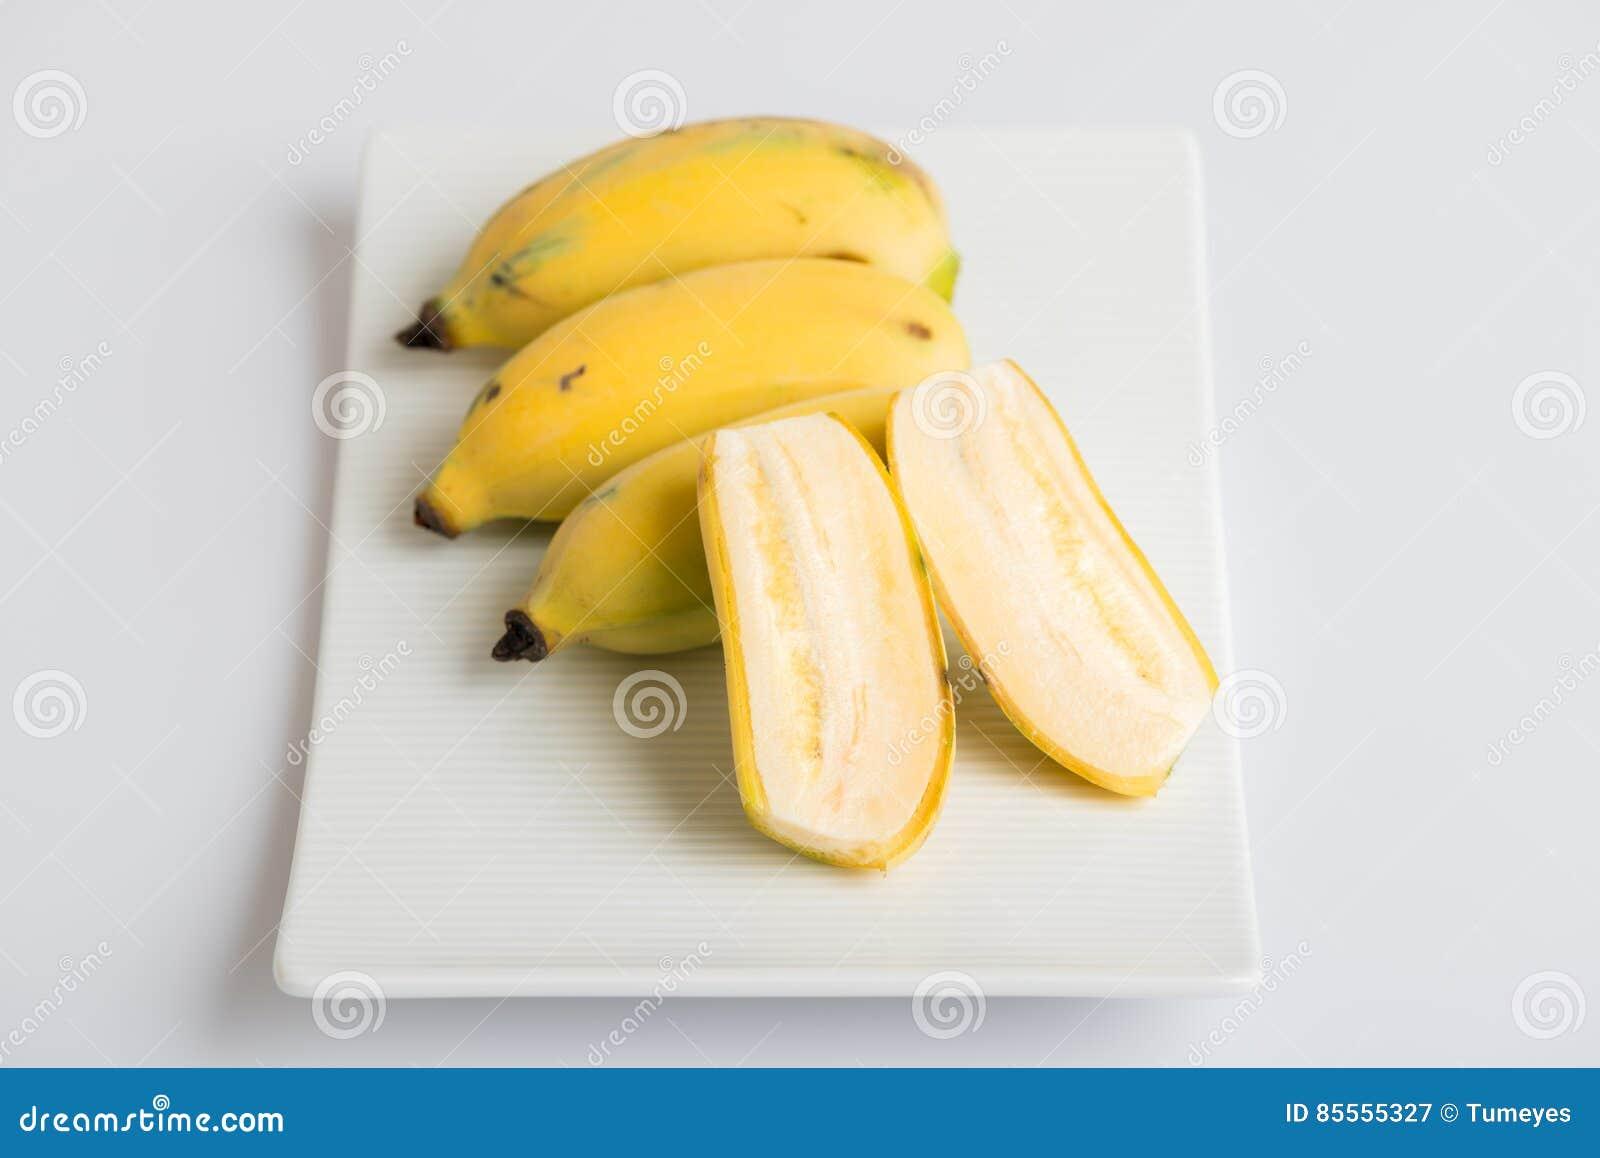 Angebaute Banane auf einer Platte